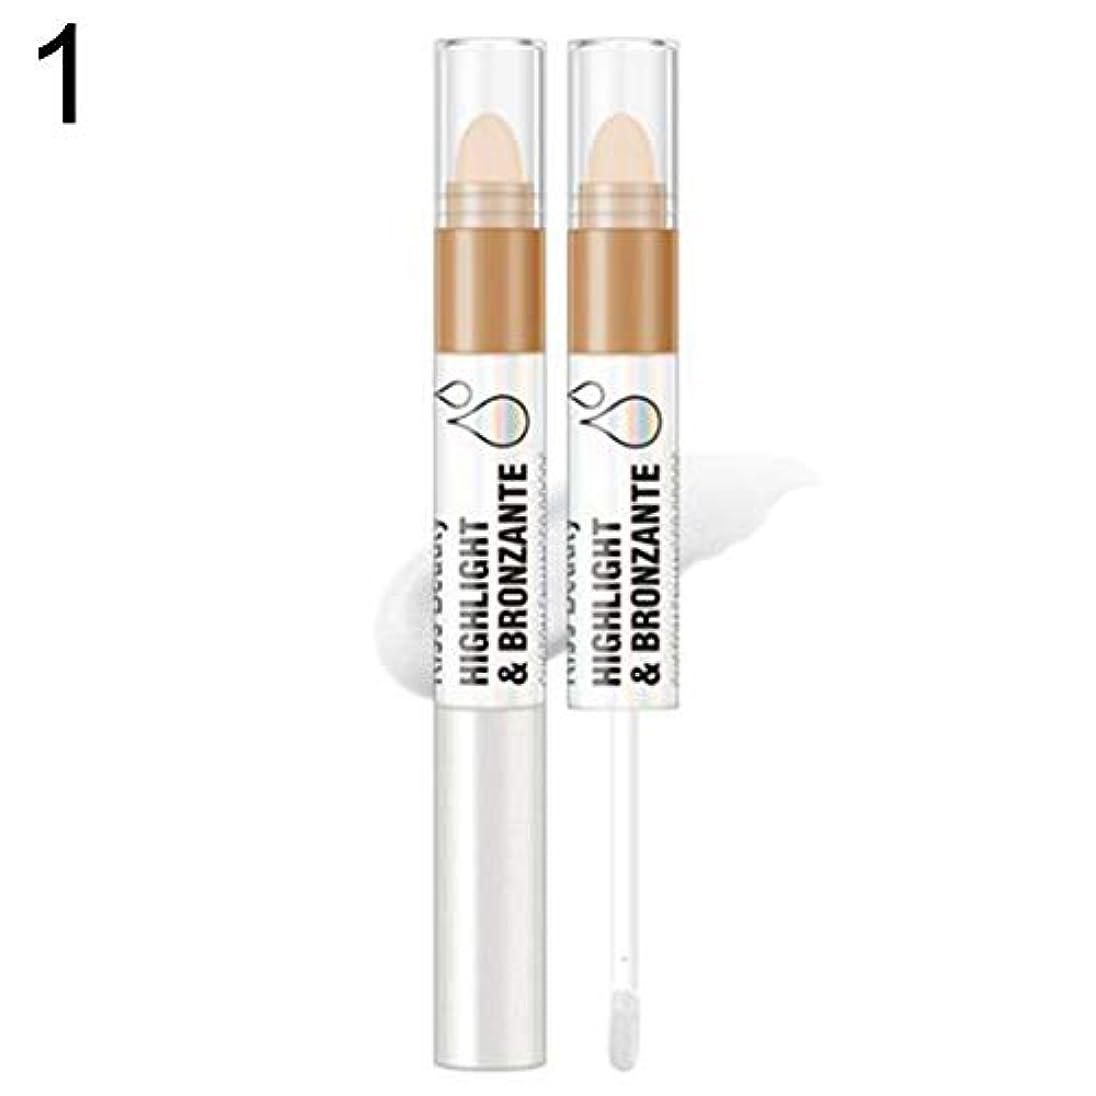 編集する辞任資料Kissbeauty液体蛍光ペンフェイスグロープライマーオイルコントロールコンターブライトナー - 1